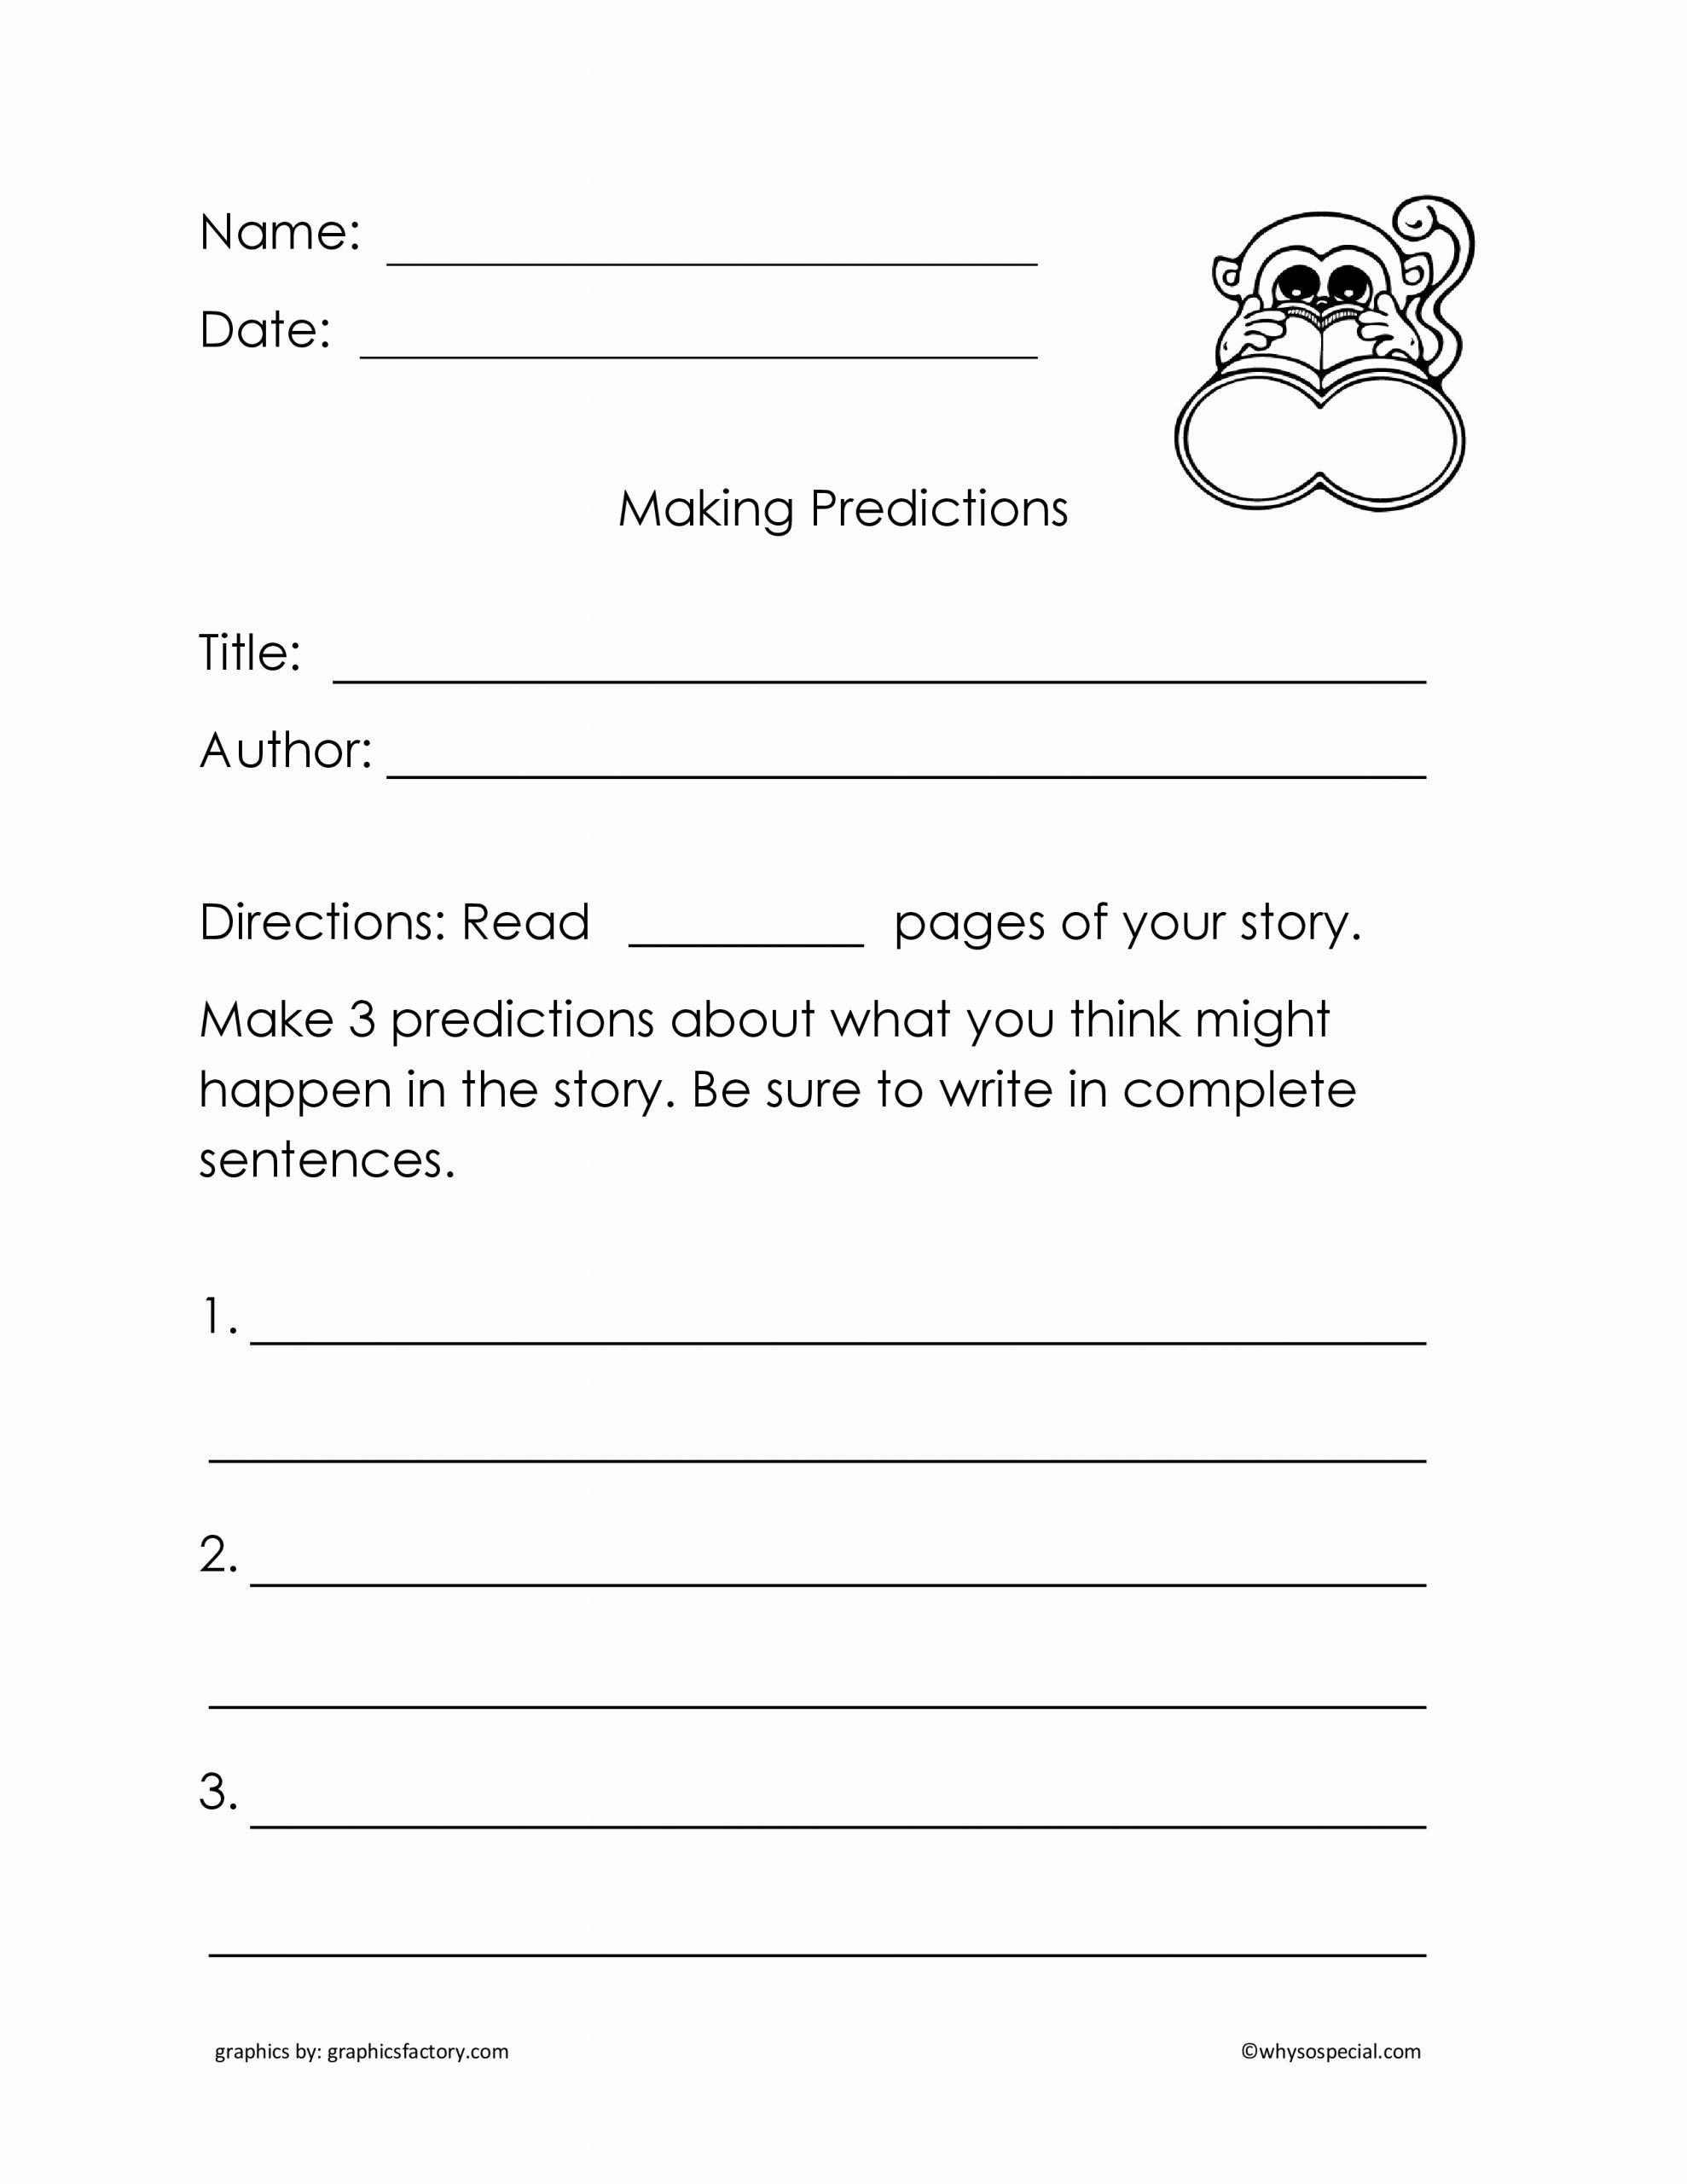 Making Predictions Worksheets 2nd Grade Beautiful 11 Best Of 2nd Grade Making Change Worksheets 2nd